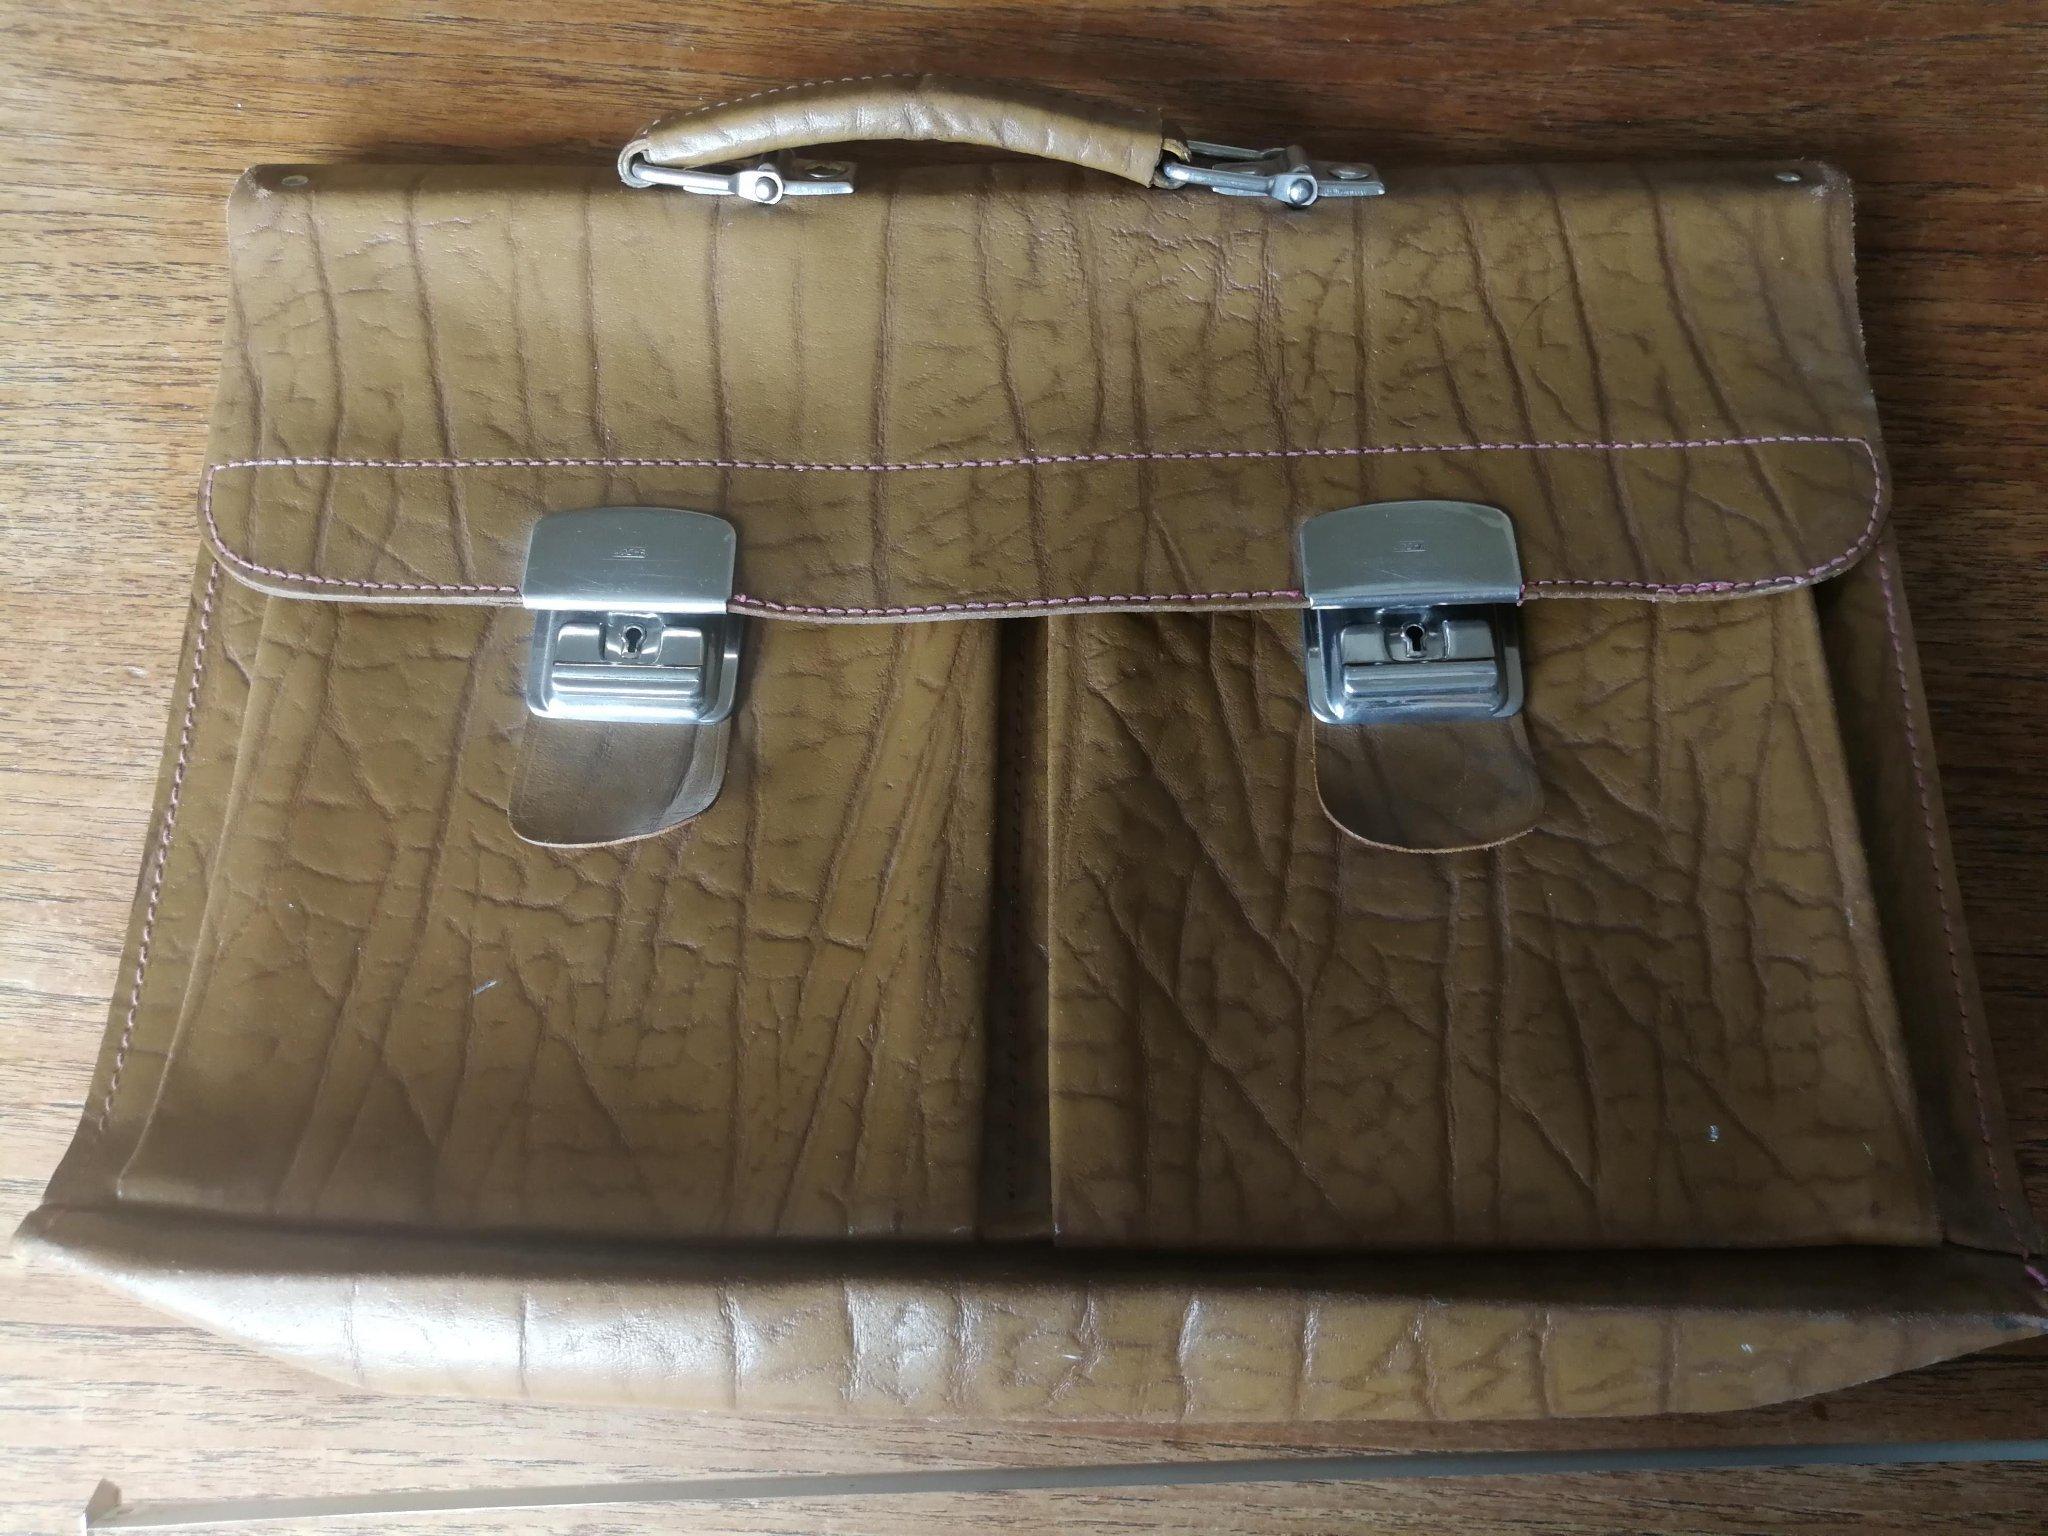 Retro portfölj, väska till laptopen. Präglat läder, 1960 tal.